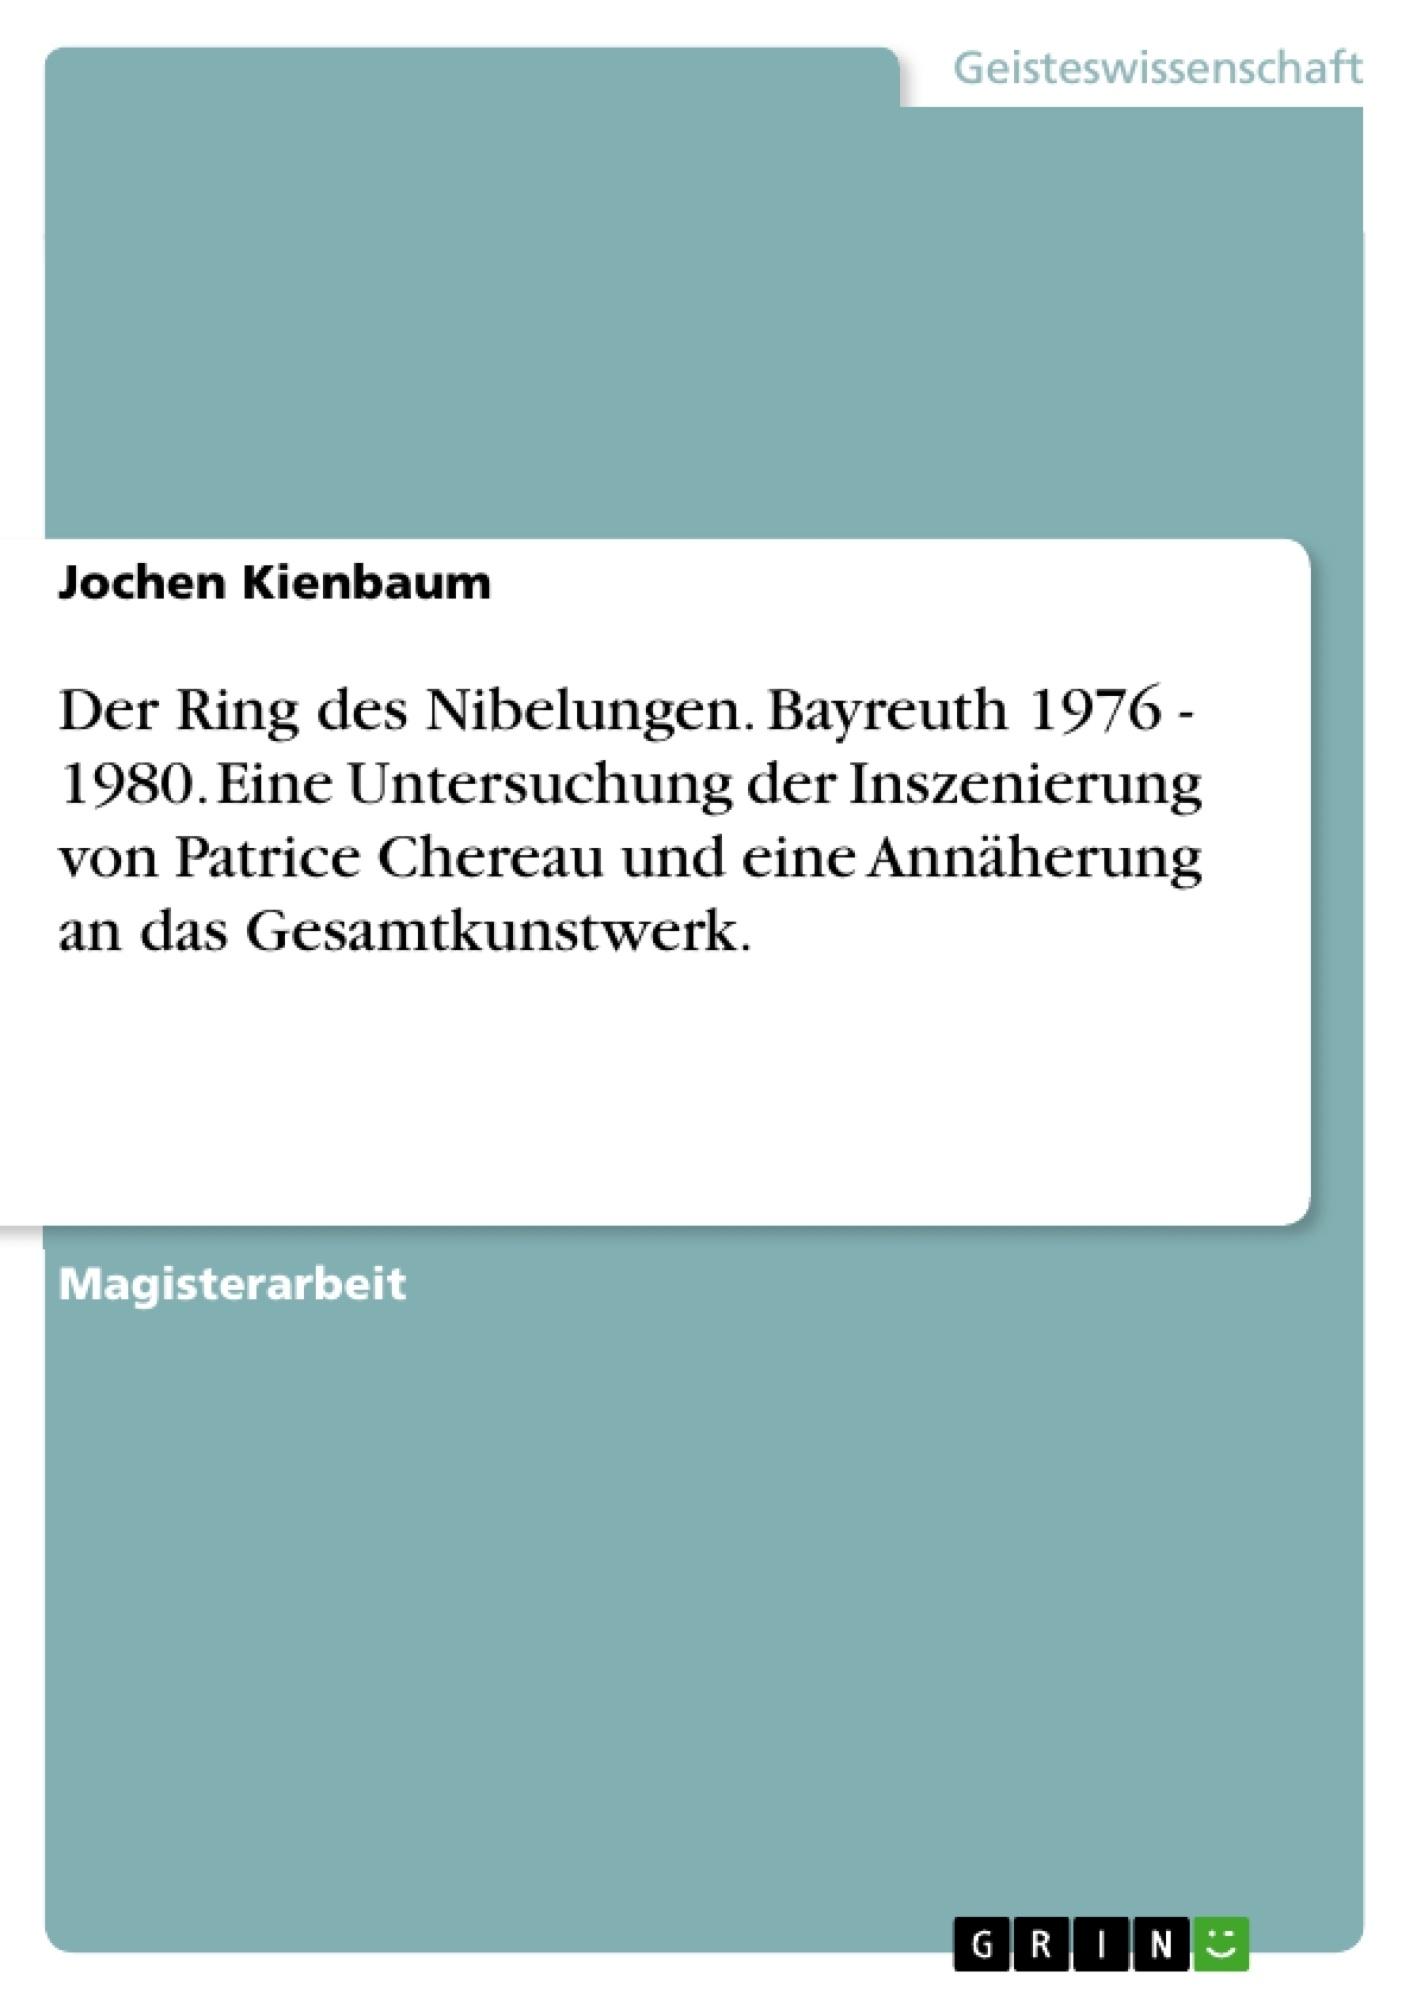 Titel: Der Ring des Nibelungen. Bayreuth 1976 - 1980. Eine Untersuchung der Inszenierung von Patrice Chereau und eine Annäherung an das Gesamtkunstwerk.